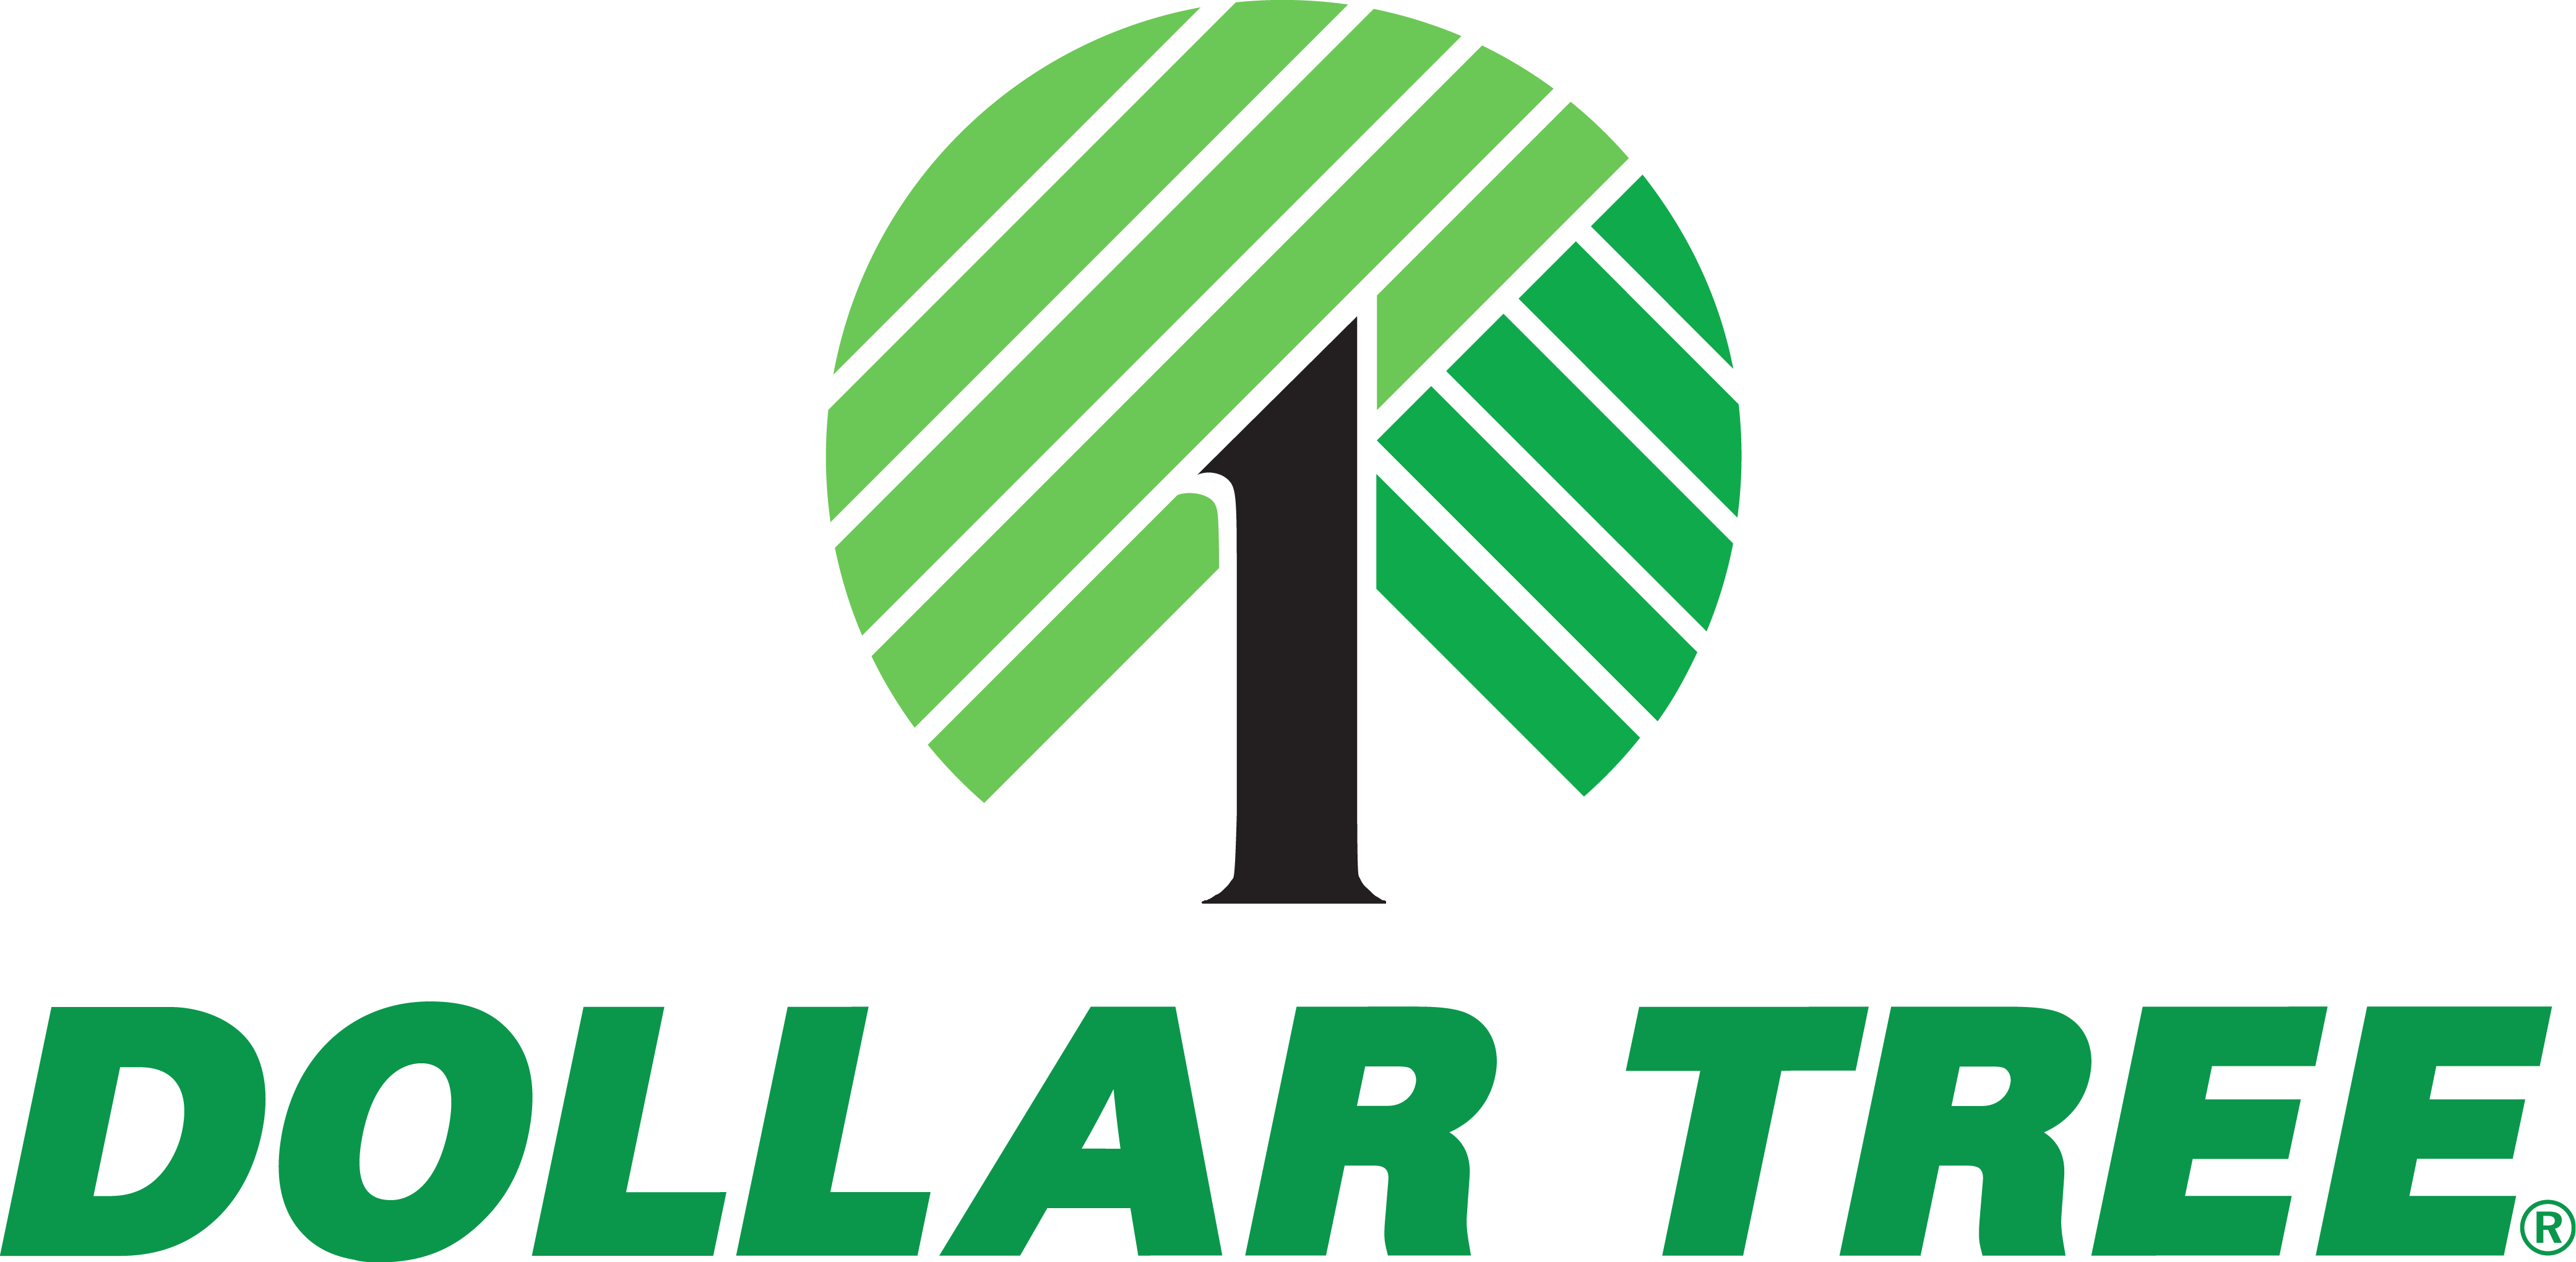 Logo dolar group tree. Dollar clipart vector